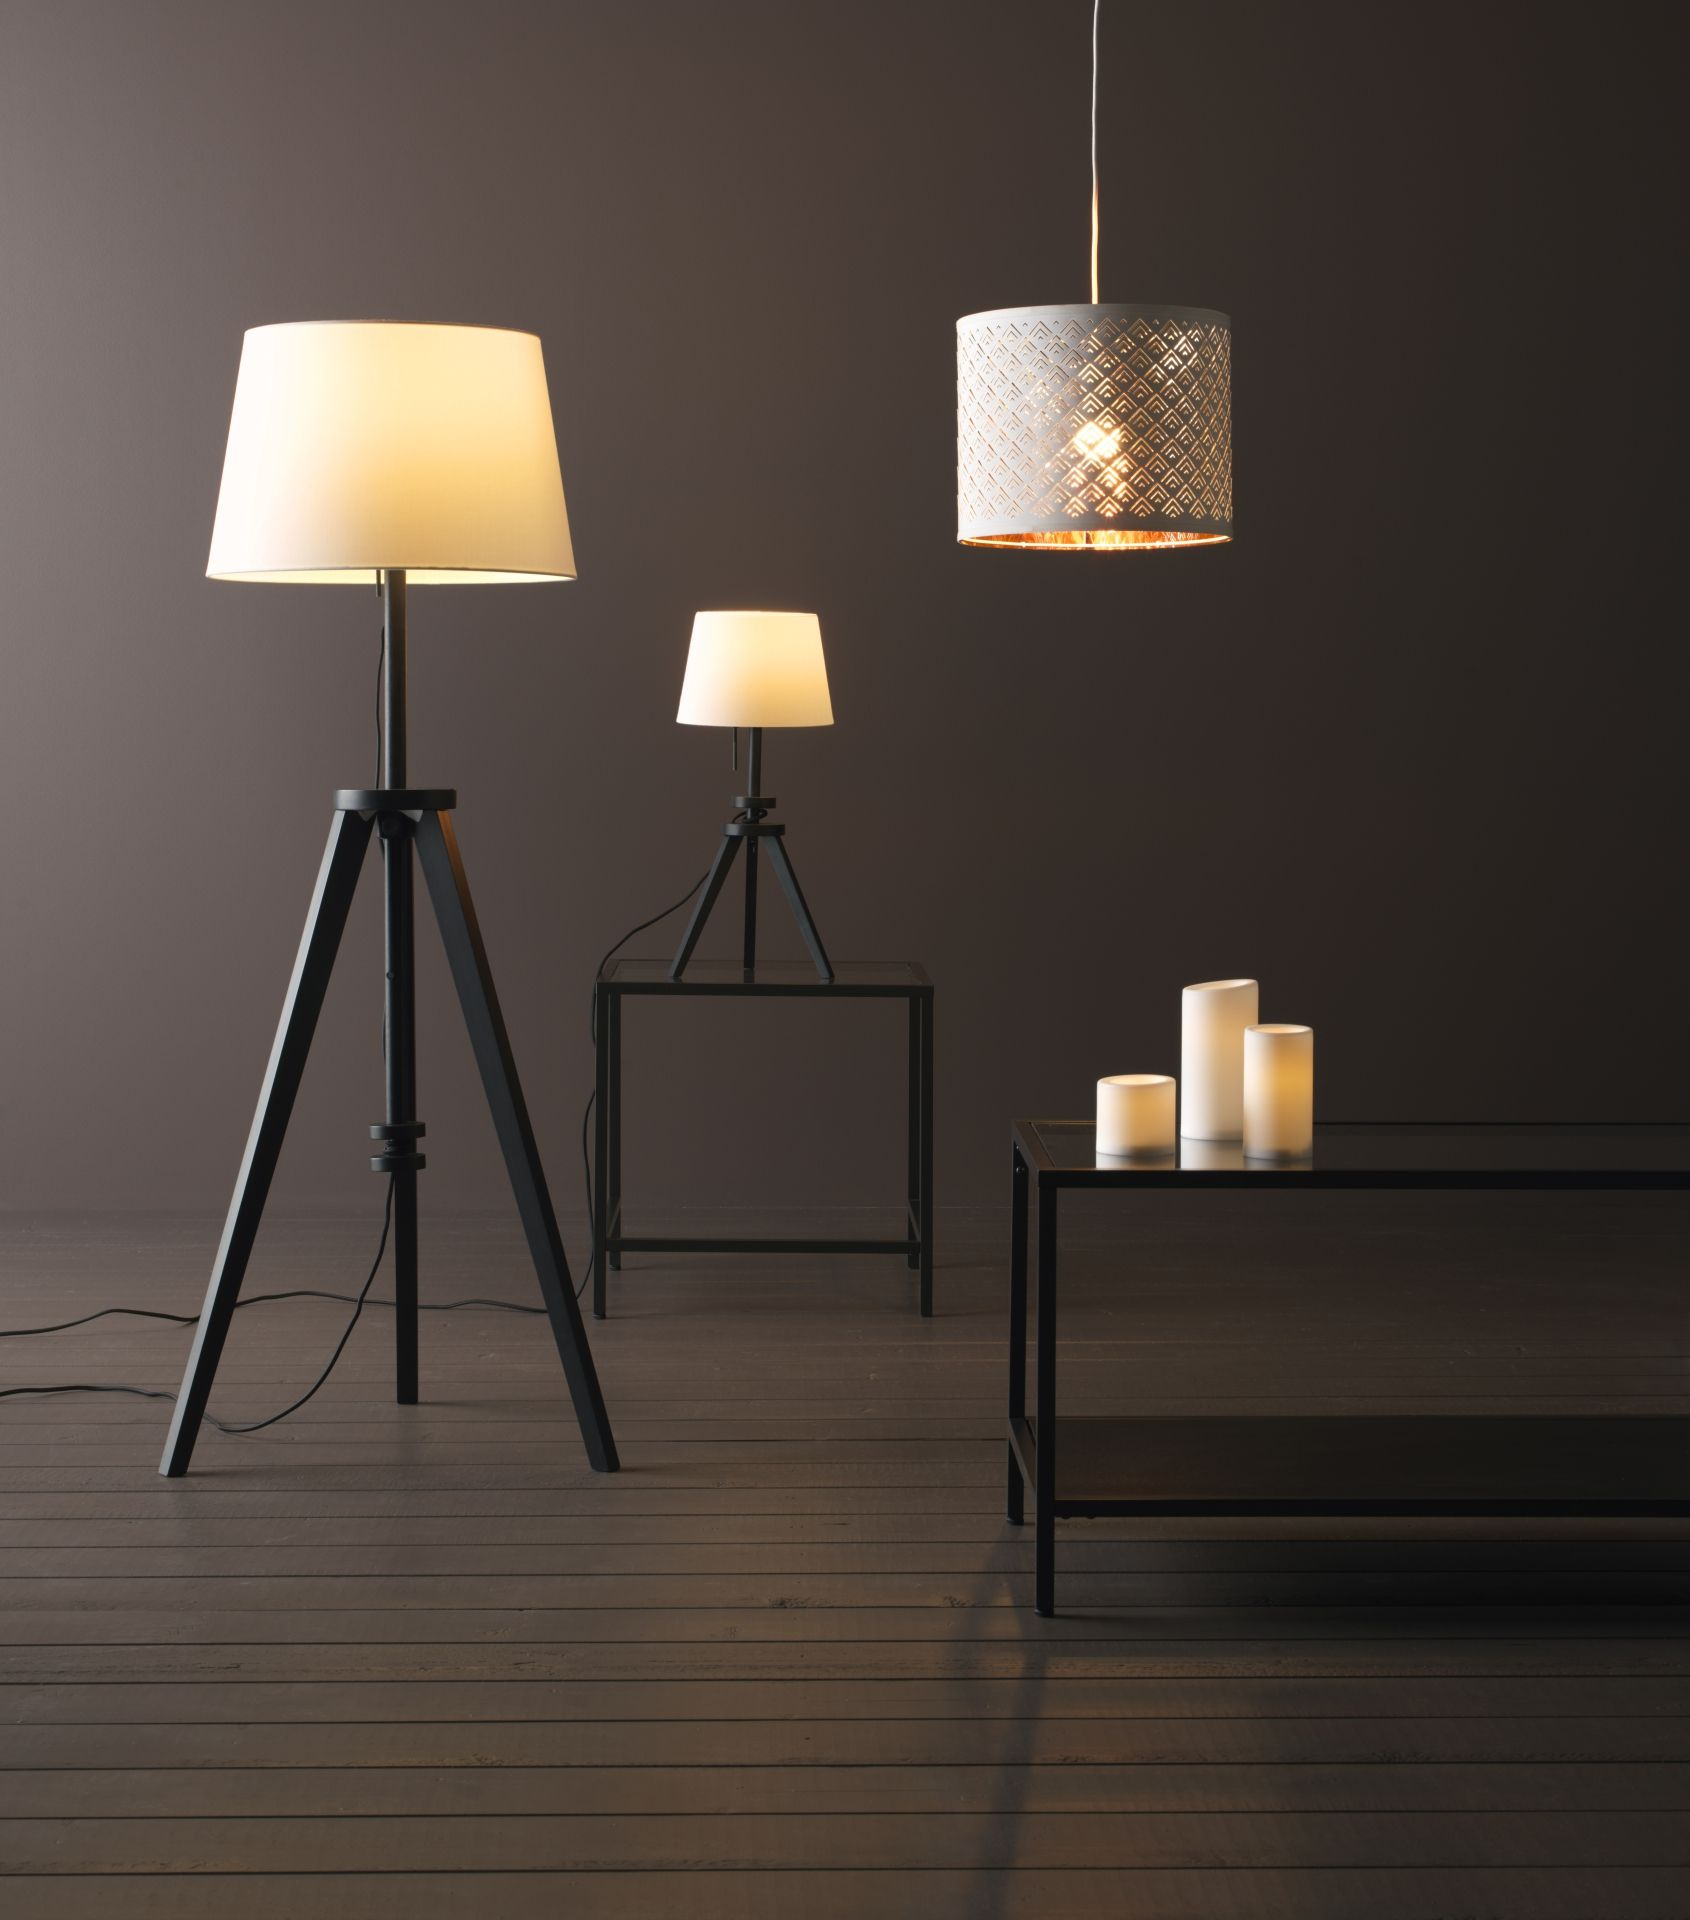 LAUTERS Tafellampvoet bruin  Bohemian  Ikea floor lamp